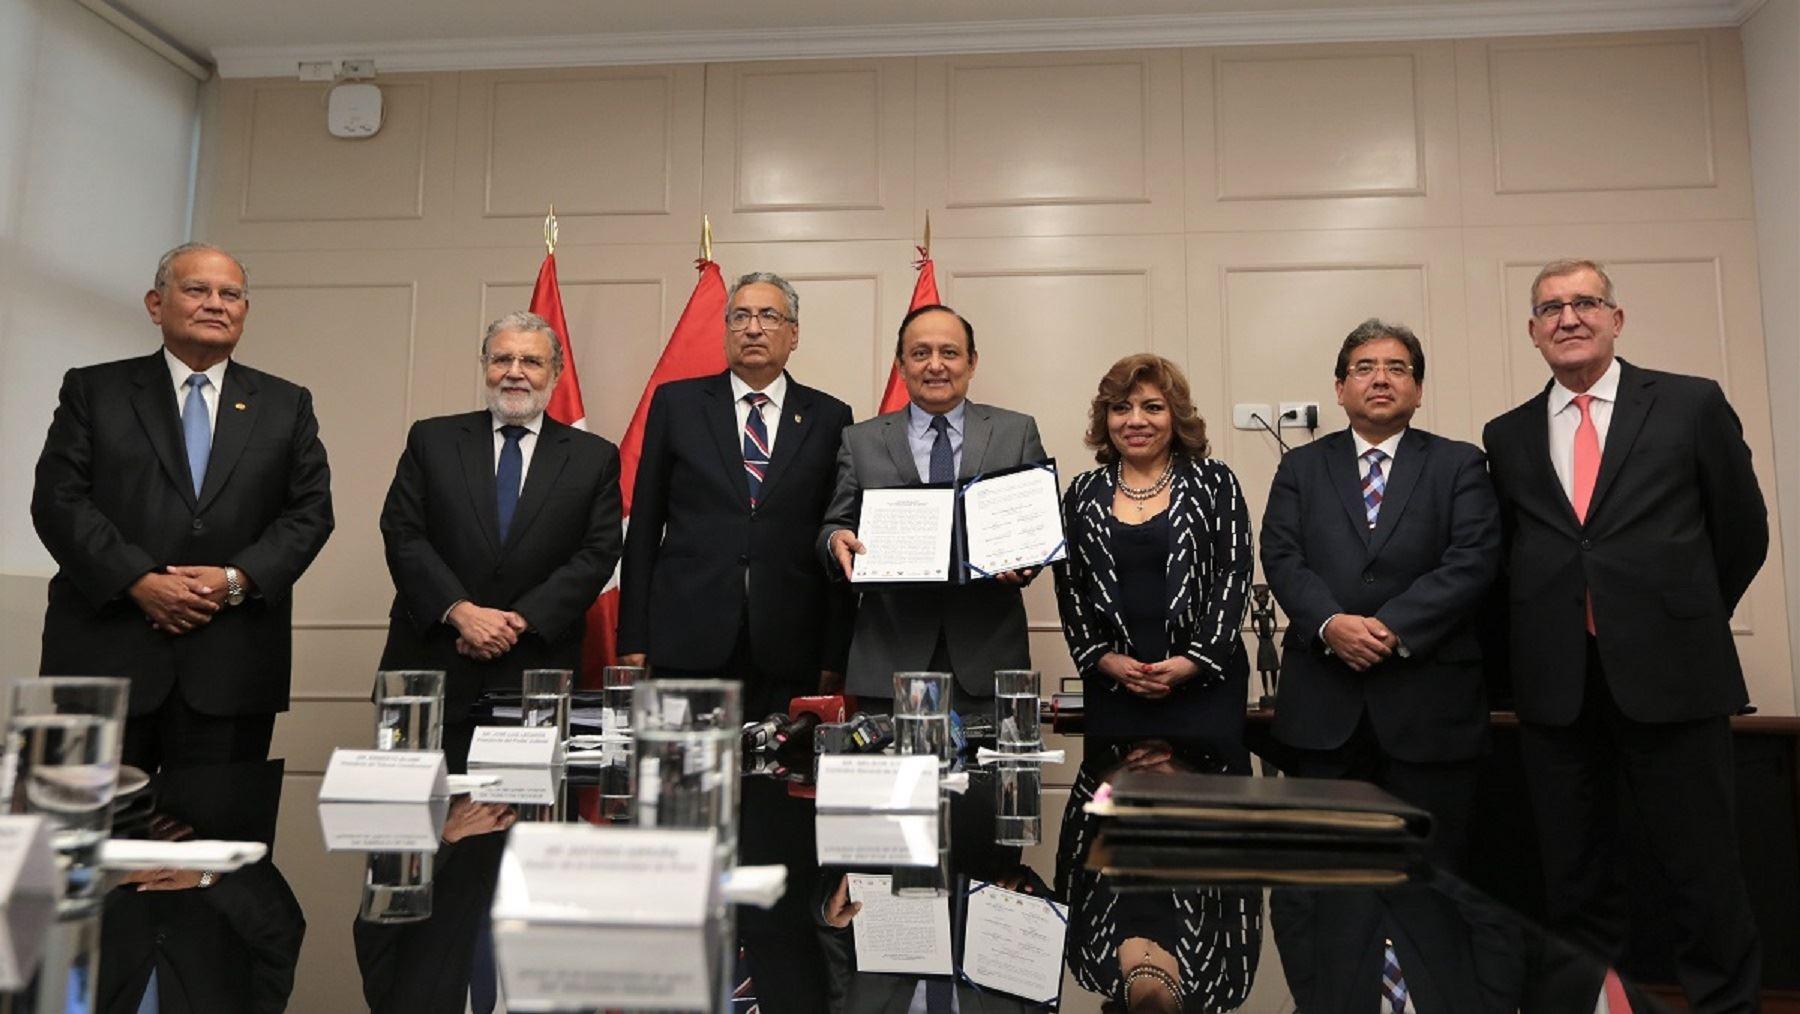 Justicia Viva presenta recomendaciones en torno al reglamento de la Comisión Especial que elegirá a la Junta Nacional de Justicia